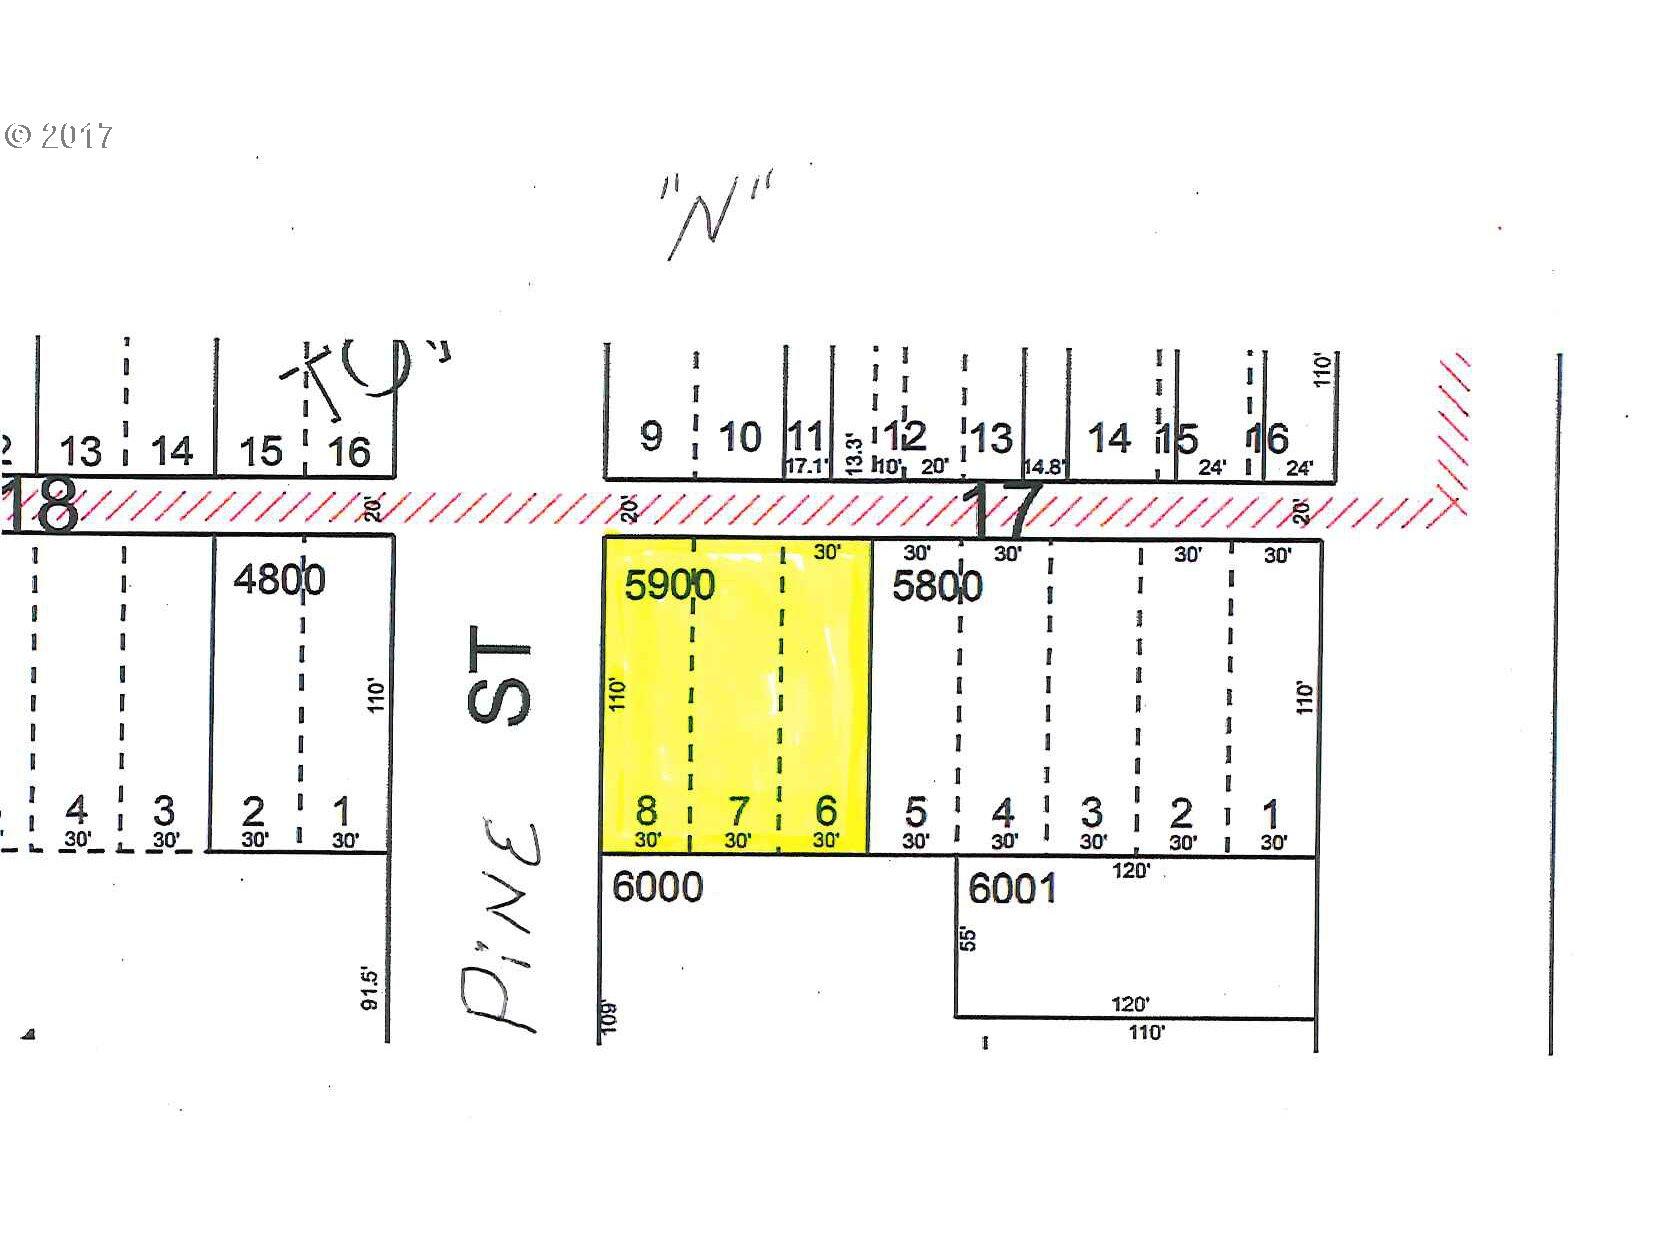 0 Pine Wallowa, OR 97885 - MLS #: 17660646